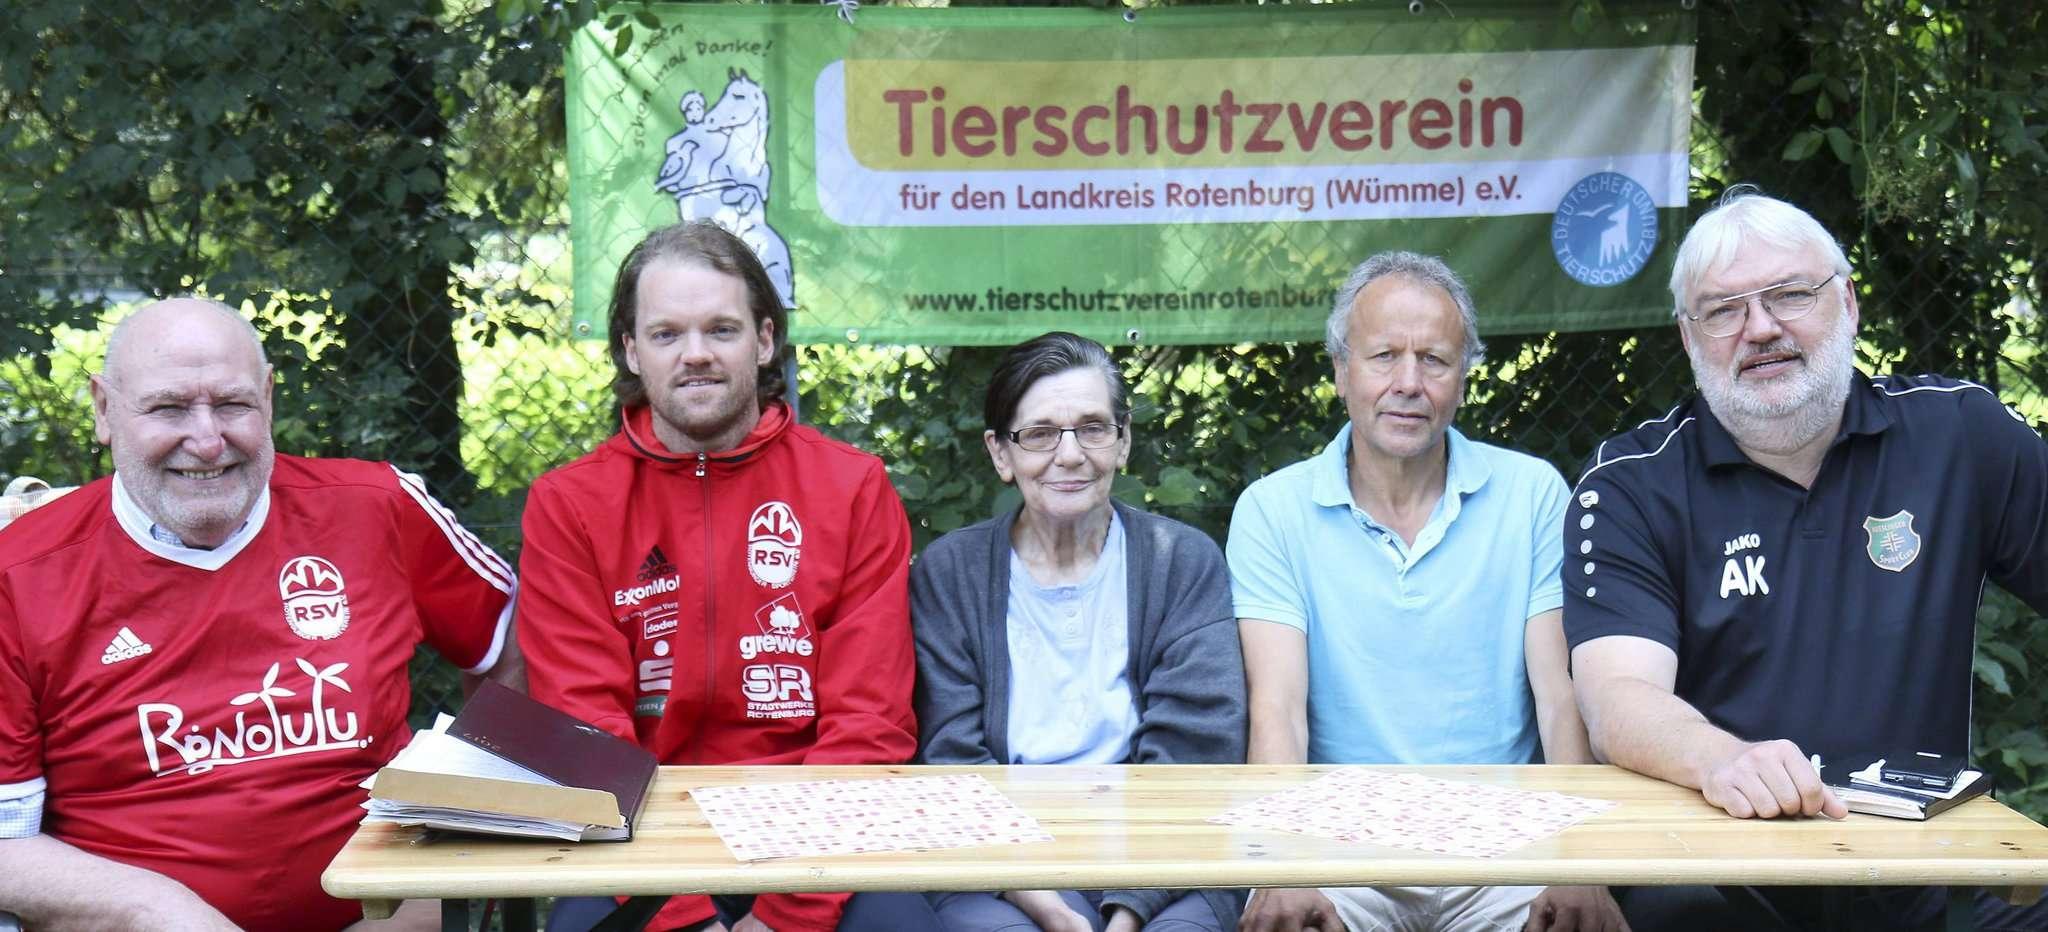 Marketingchef Paul Metternich (von links), Trainer Tim Ebersbach (beide Rotenburger SV), Regina Buchhop (Tierheim Rotenburg), Hansi Bargfrede und Andreas Kurth (beide Heeslinger SC) werben für das Benefizspiel.